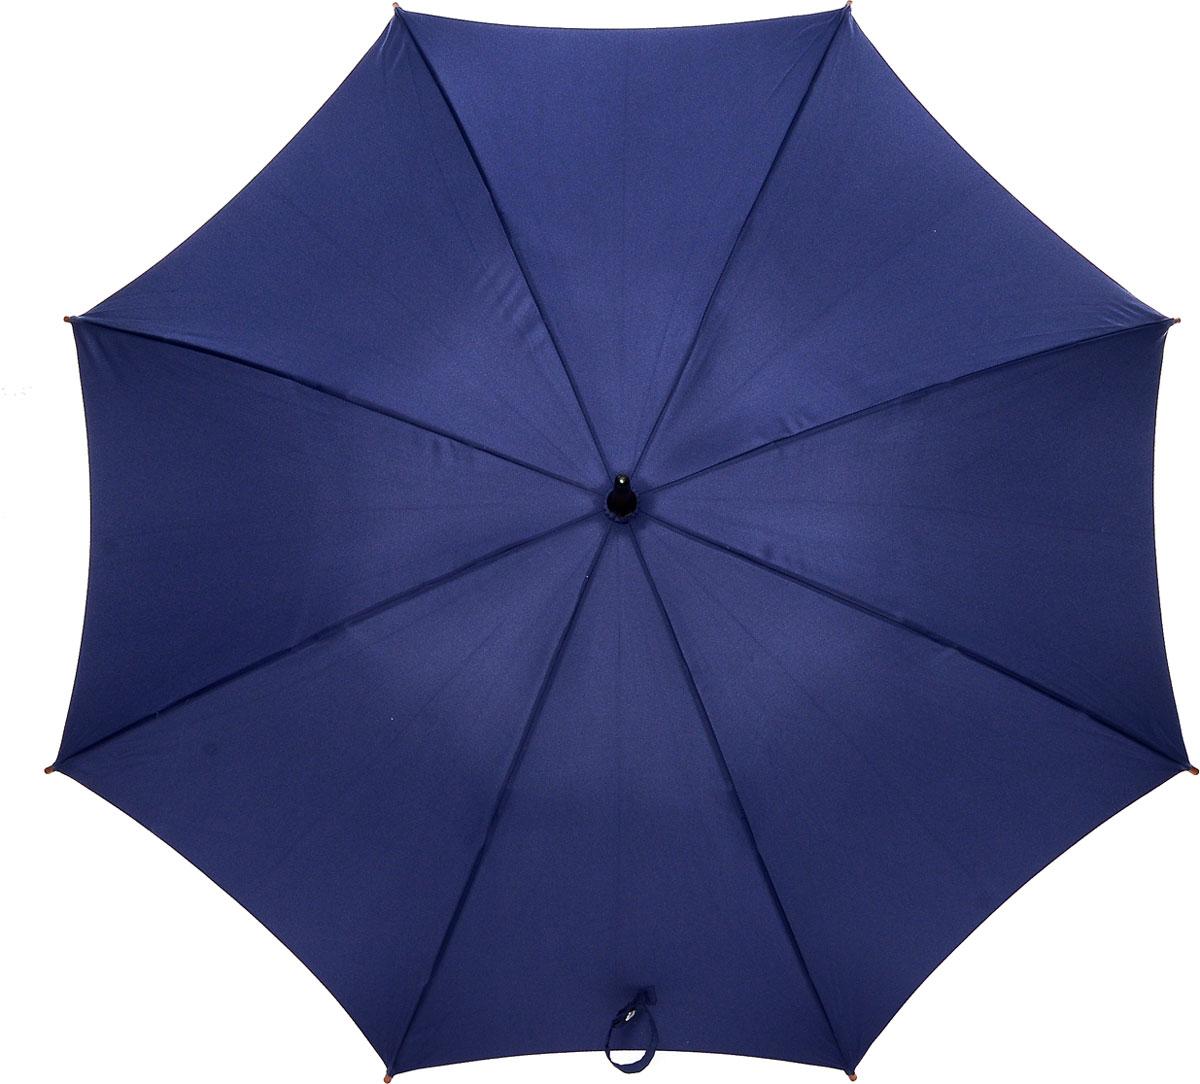 Зонт-трость женский Fulton Kensington, механический, цвет: темно-синий. L776-03345100948B/32793/5900NМодный механический зонт-трость Fulton Kensington даже в ненастную погоду позволит вам оставаться стильной и элегантной. Каркас зонта состоит из 8 спиц и стержня из фибергласса. Купол зонта выполнен из прочного полиэстера. Изделие оснащено удобной рукояткой из дерева.Зонт механического сложения: купол открывается и закрывается вручную до характерного щелчка.Модель закрывается при помощи двух хлястиков на кнопках.Такой зонт не только надежно защитит вас от дождя, но и станет стильным аксессуаром, который идеально подчеркнет ваш неповторимый образ.